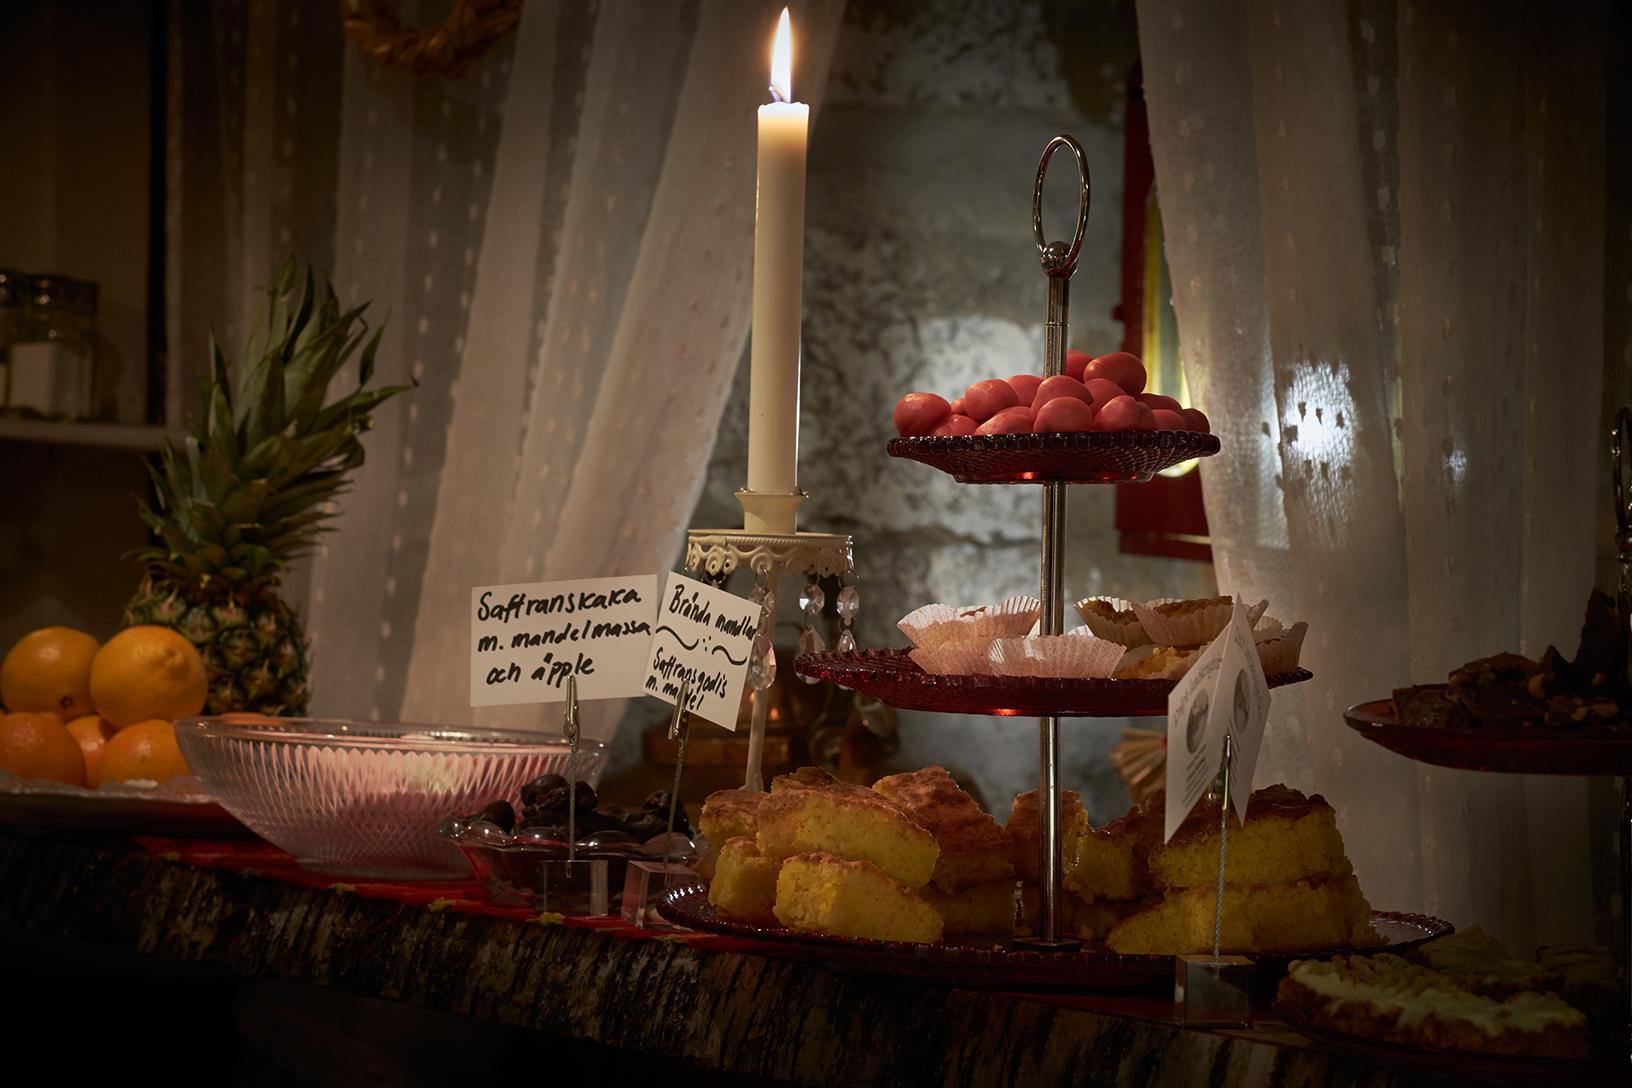 Hembakat fika uppdukat på ett bord med ett tänt stearinljus.